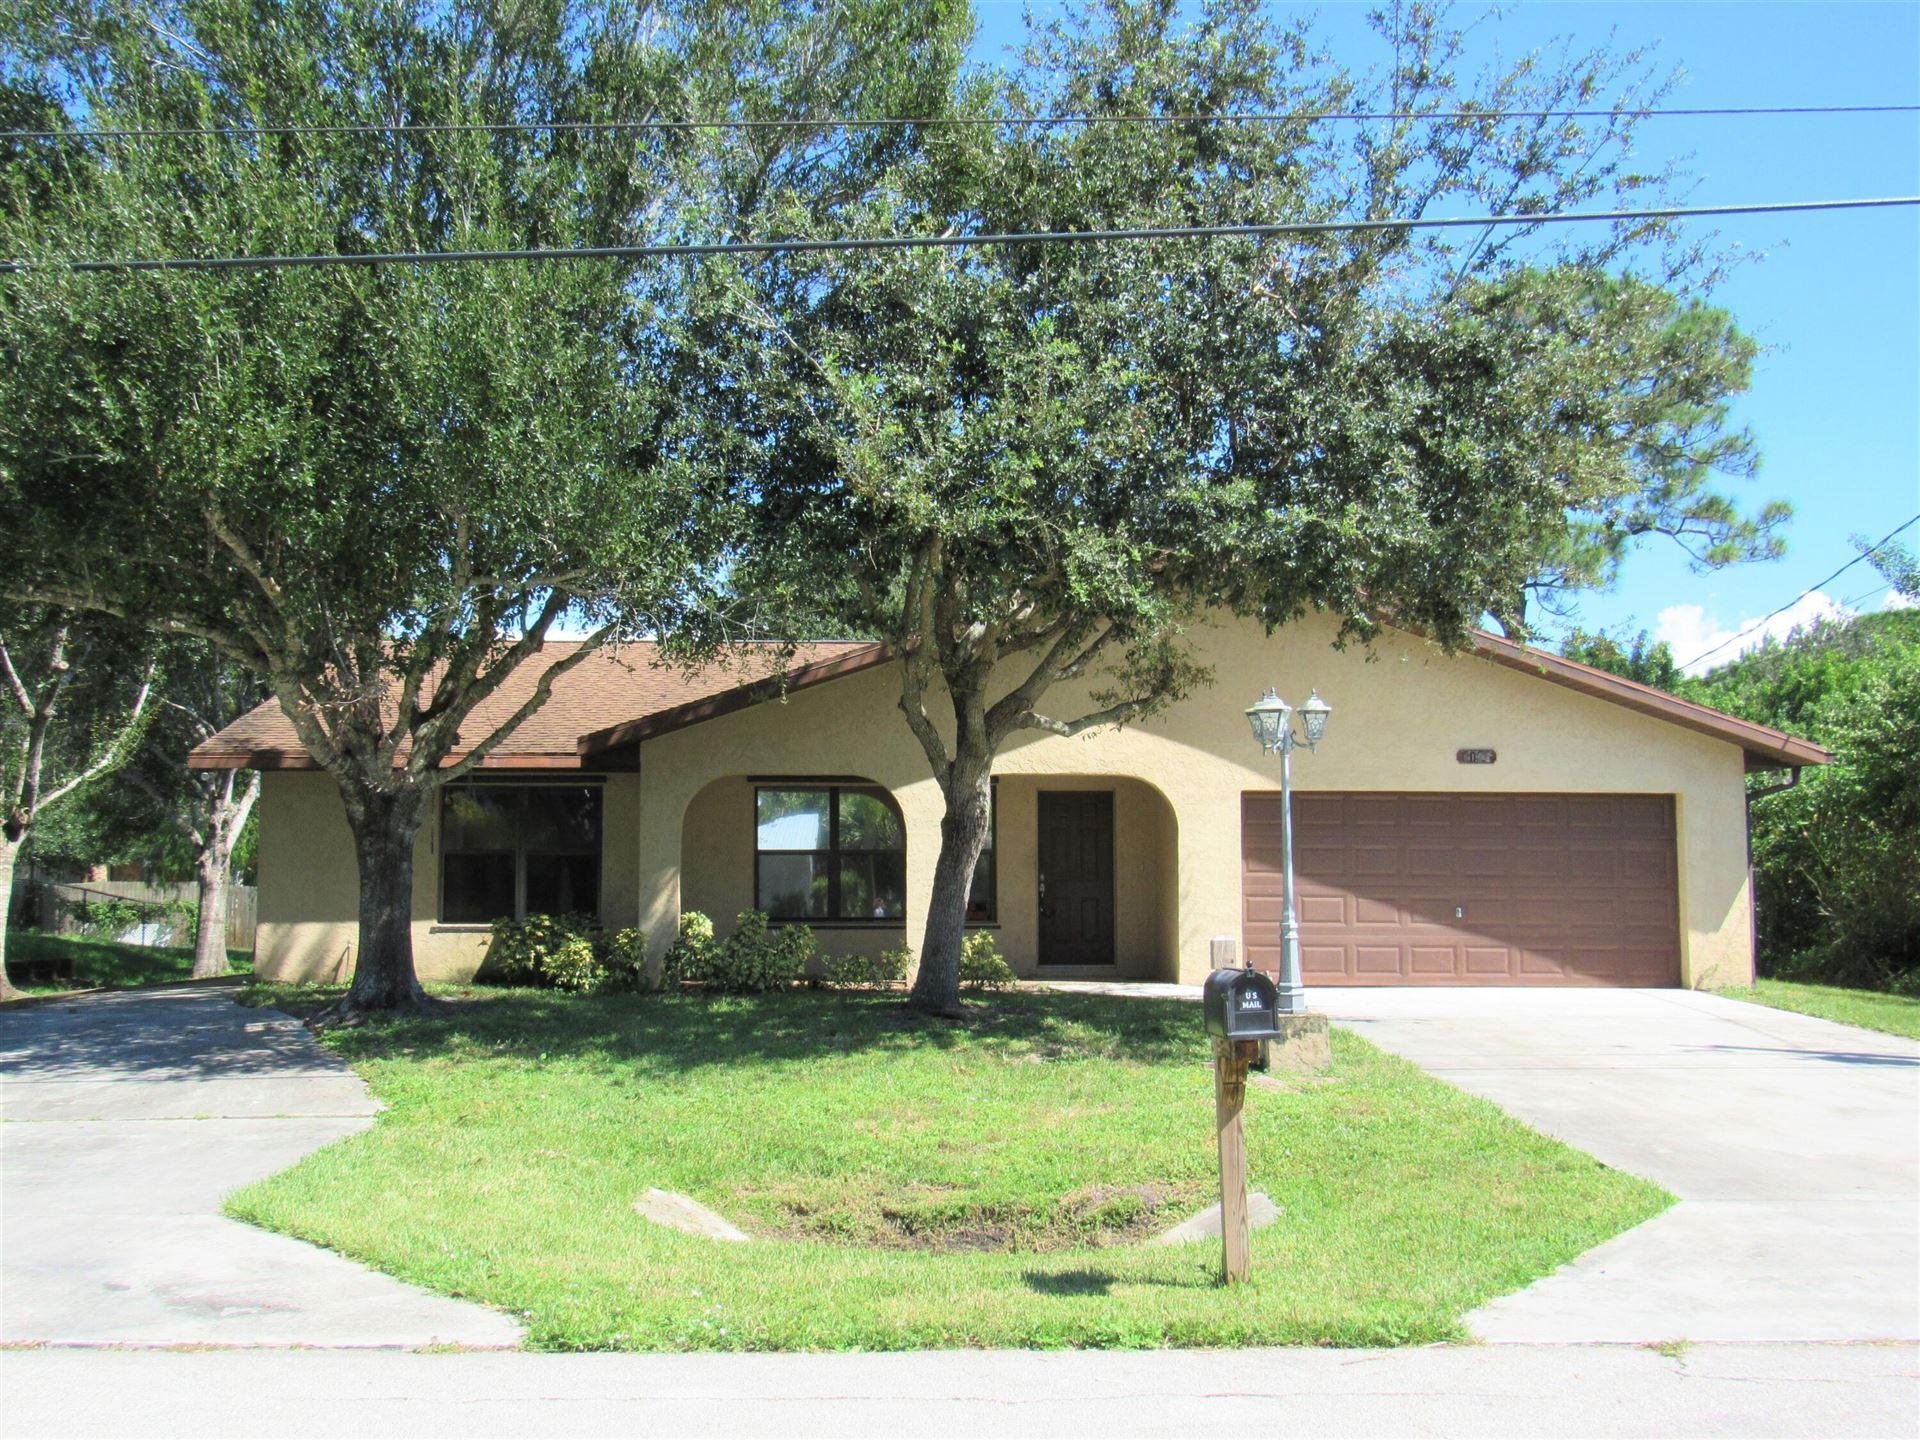 6104 Bamboo Drive, Fort Pierce, FL 34982 - #: RX-10748790